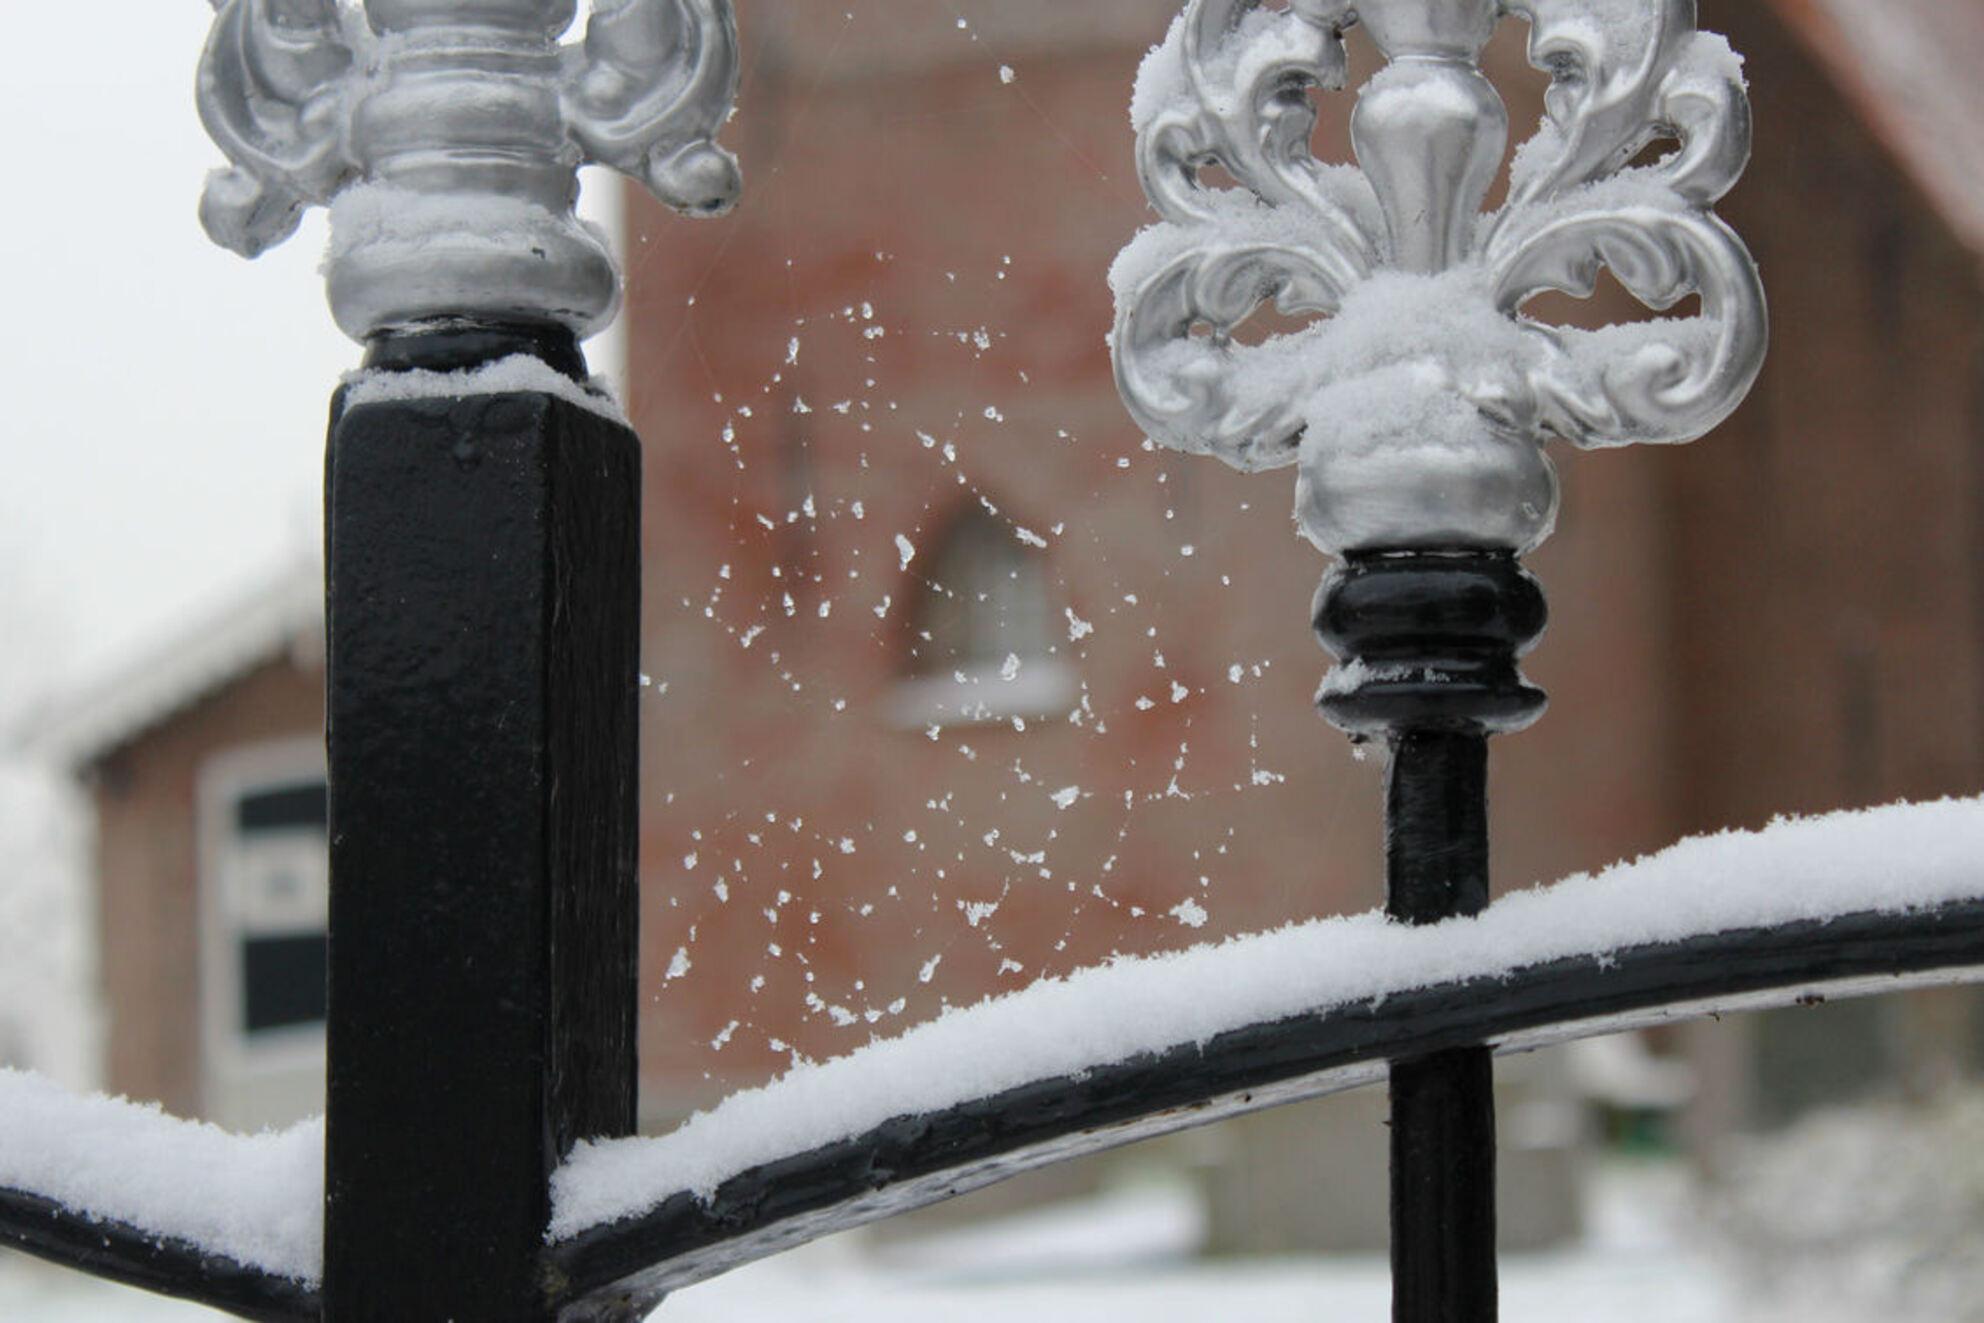 eerste sneeuw, tere vorm - Vanmorgen 4 jan. 2016. De eerste sneeuw van deze winter. Even rondje door dorp gemaakt. Bij het kerkje zag ik dit web aan het hekwerk. - foto door ljdrost op 04-01-2016 - deze foto bevat: sneeuw, winter, teer, ljdrost, nw jaar-1e sneeuw, web met sneeuw - Deze foto mag gebruikt worden in een Zoom.nl publicatie